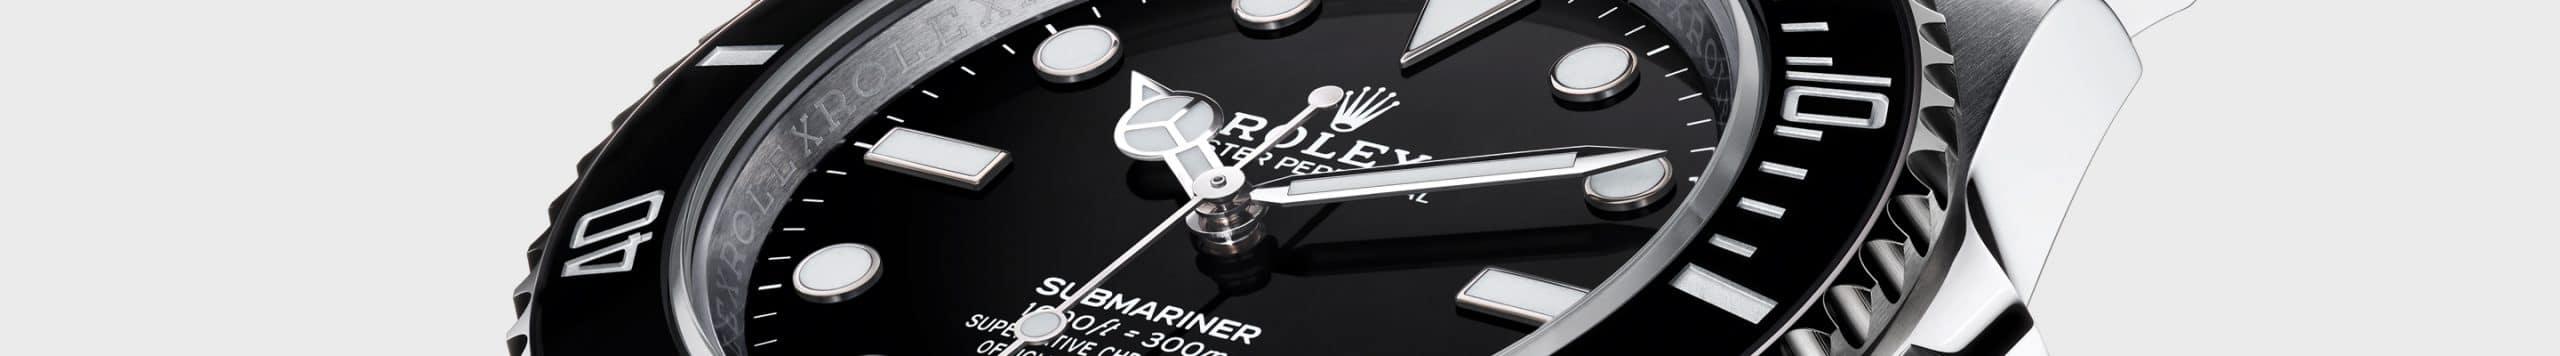 Banner นาฬิกา Rolex Submariner - Pendulum